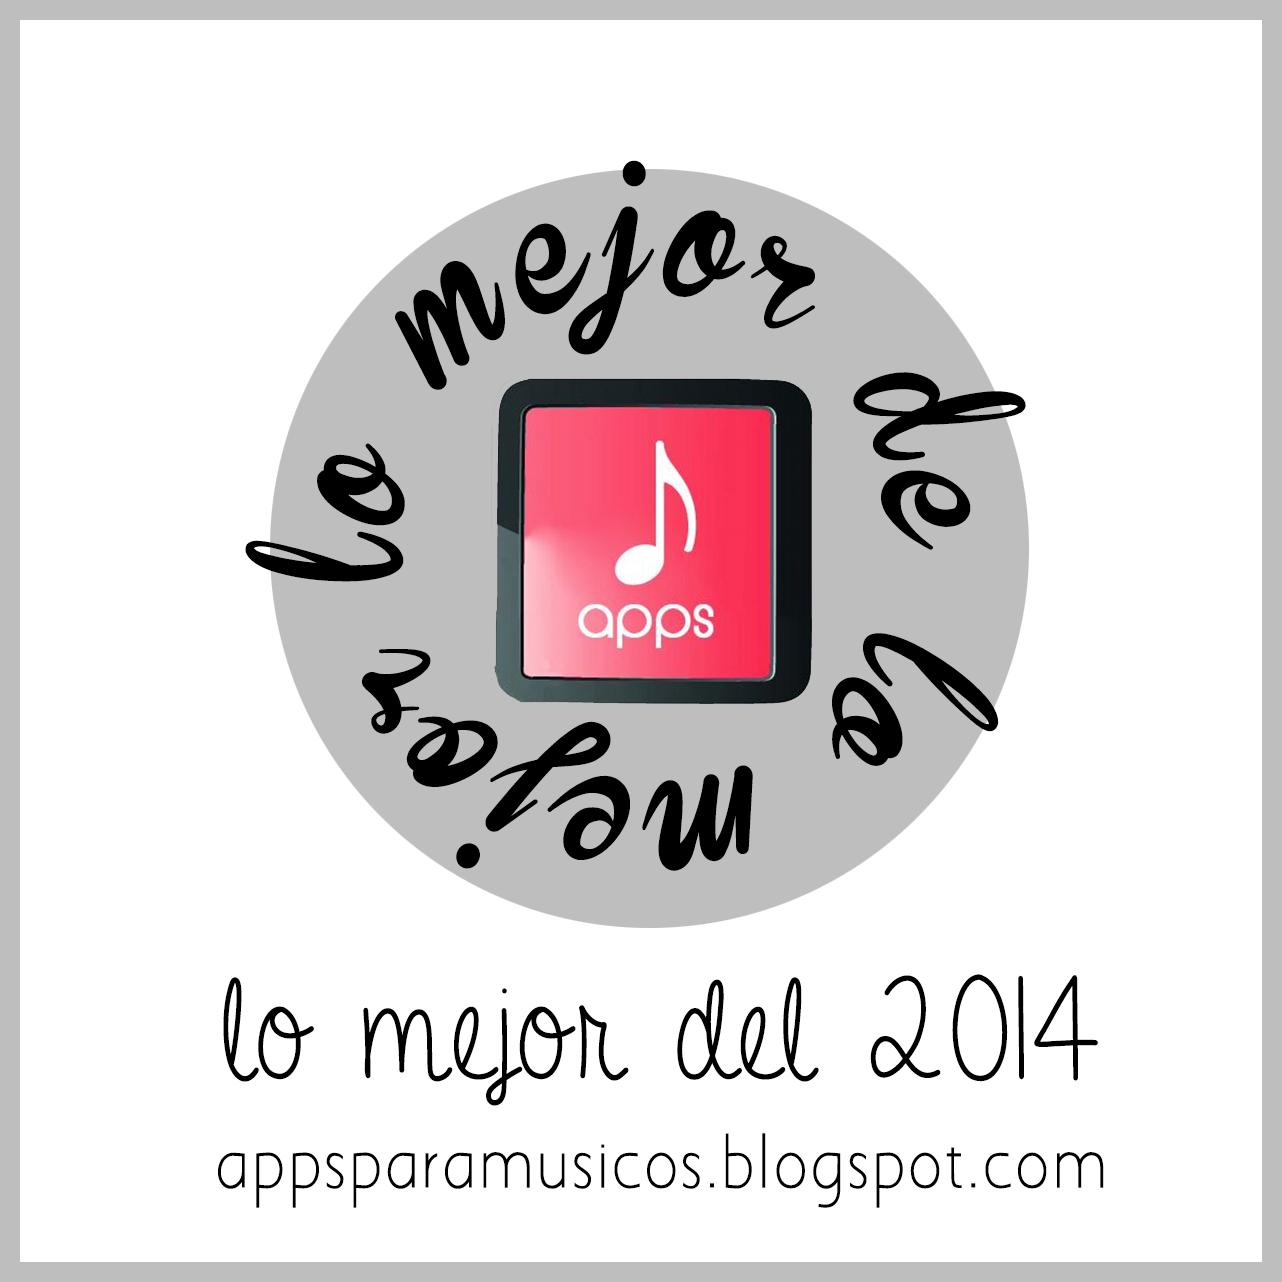 Las mejores apps del 2014